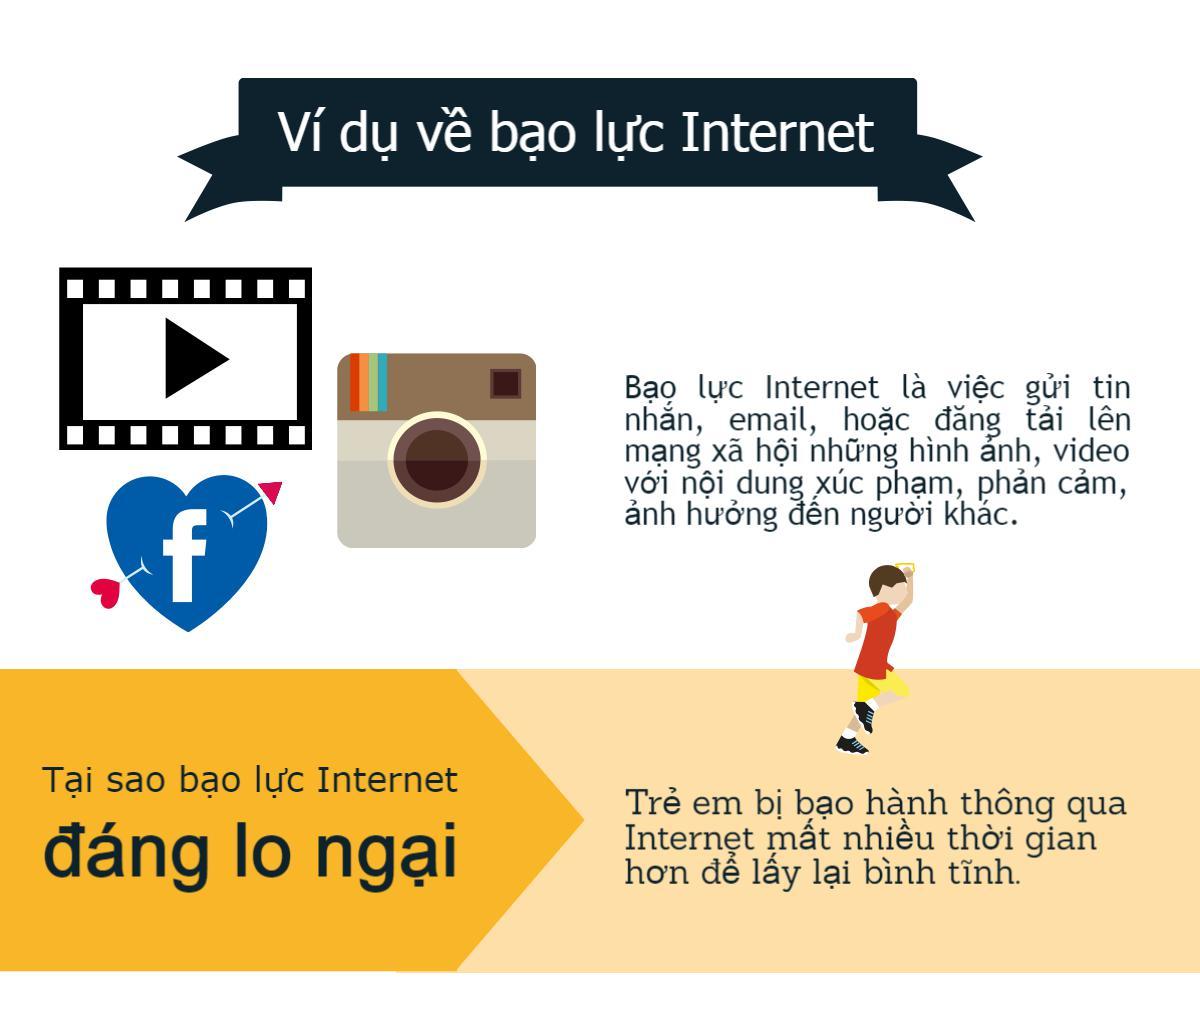 Bạo lực internet và hậu quả khó lường - 2